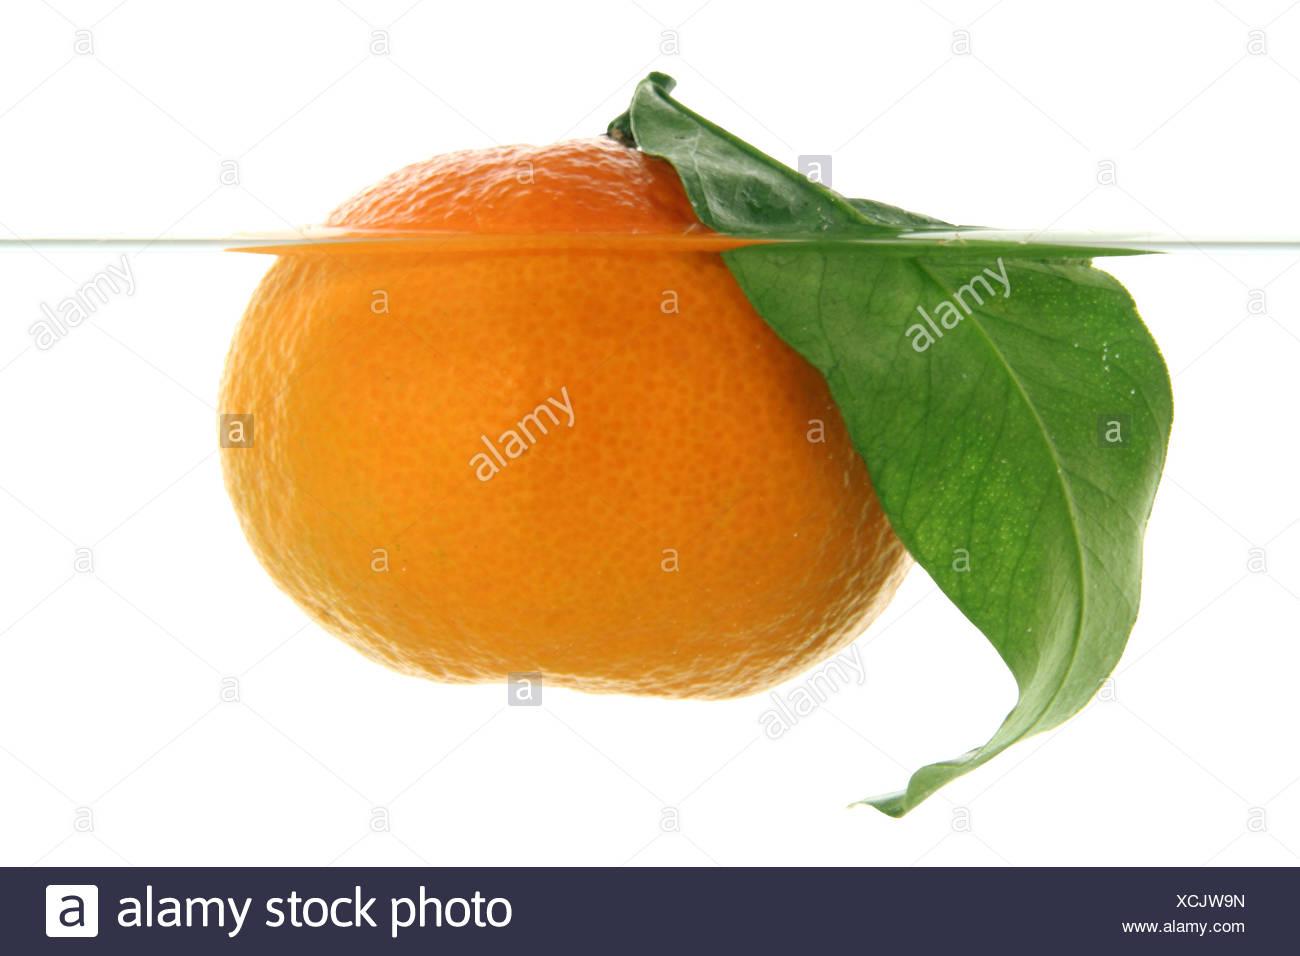 Mandarine - Stock Image